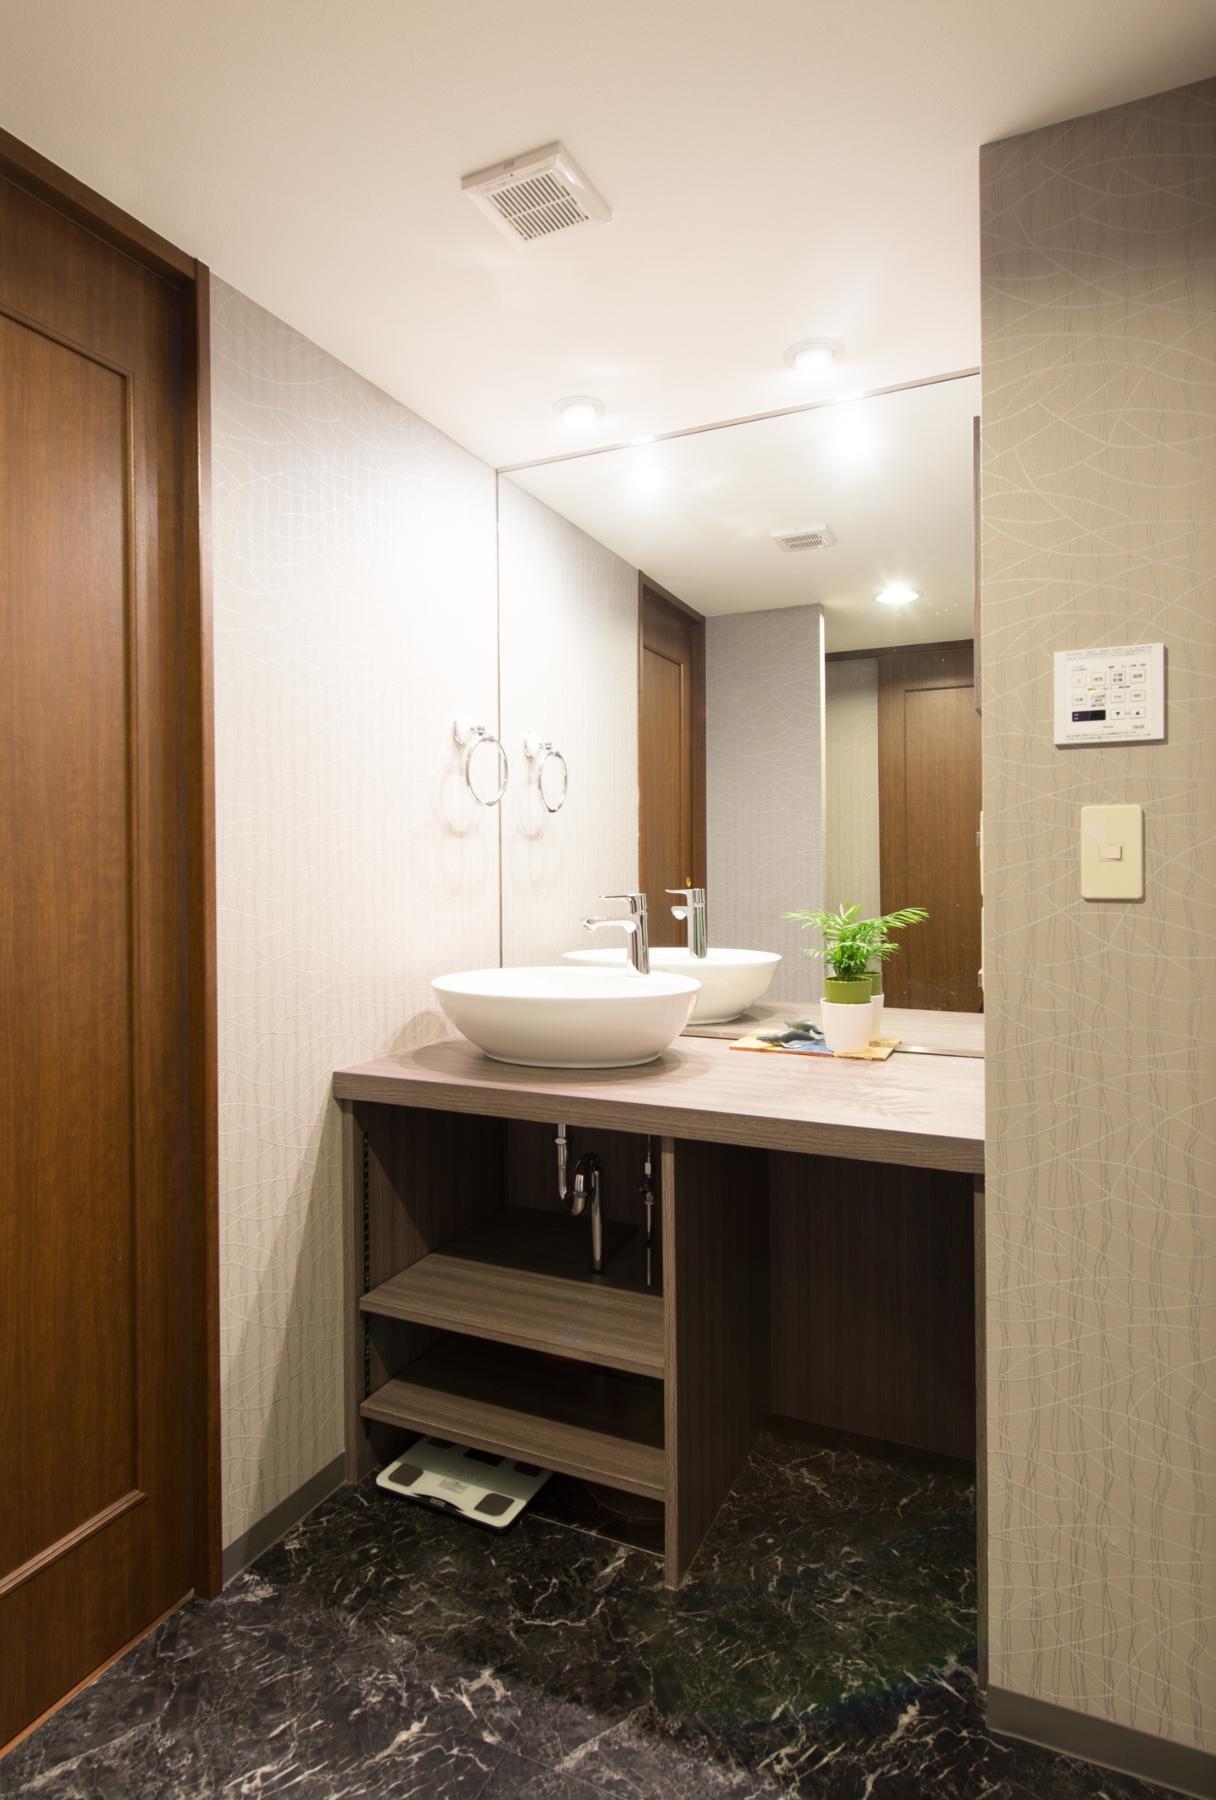 バス/トイレ事例:洗面脱衣室(中古マンションリノベーション〜「自分らしい空間を実現したい」)